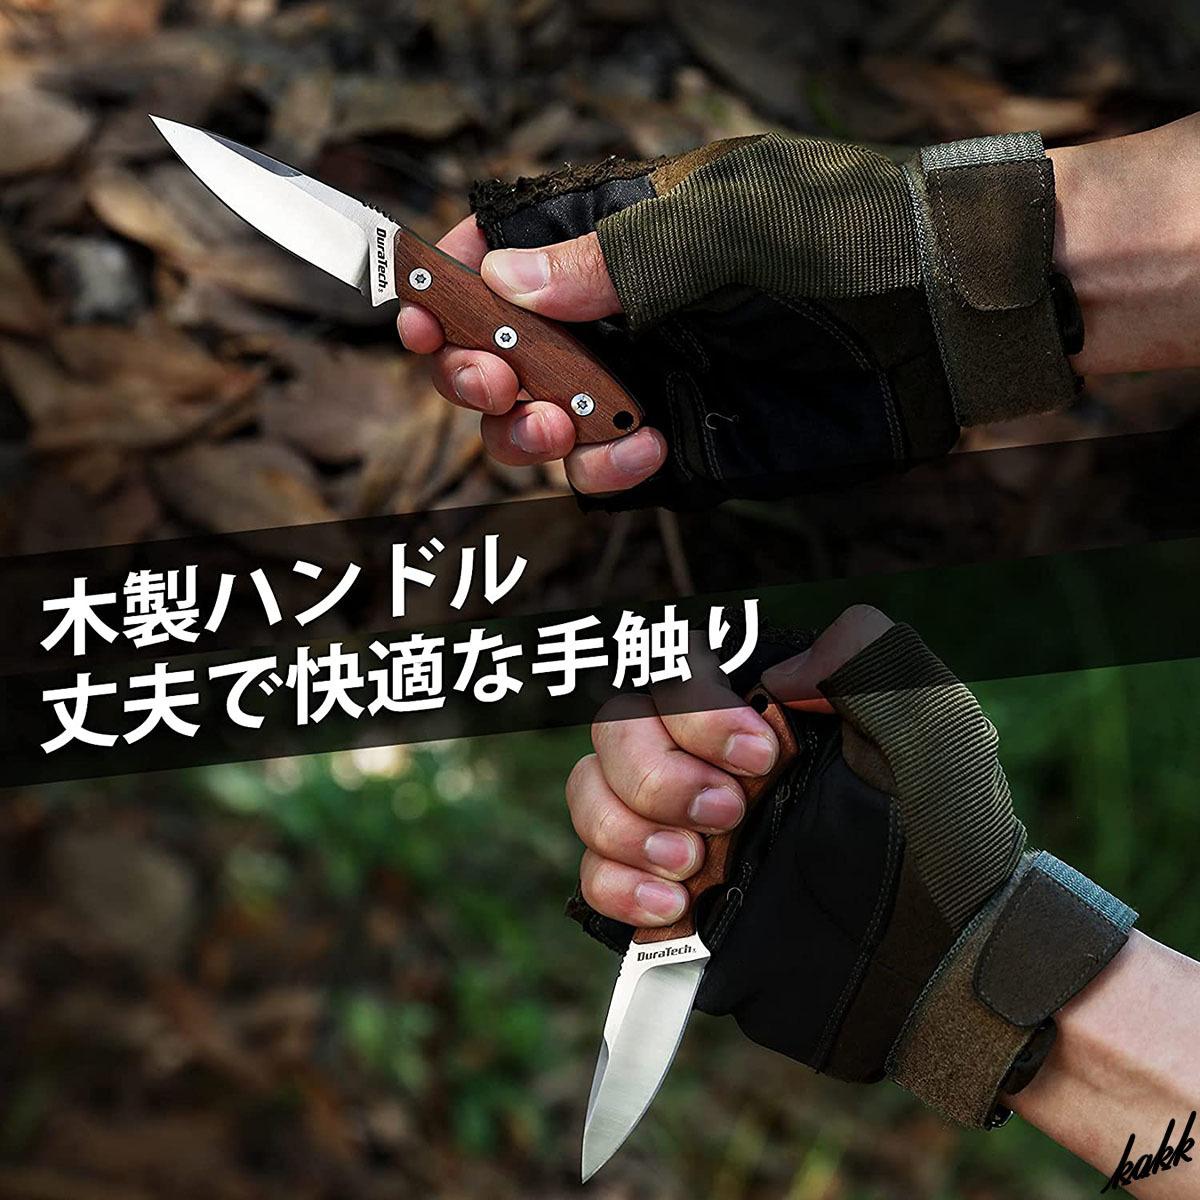 【軽量ネックナイフ】 シースナイフ コンパクト 木製グリップ ボールチェーン パラコード ステンレス鋼 サバイバル キャンプ